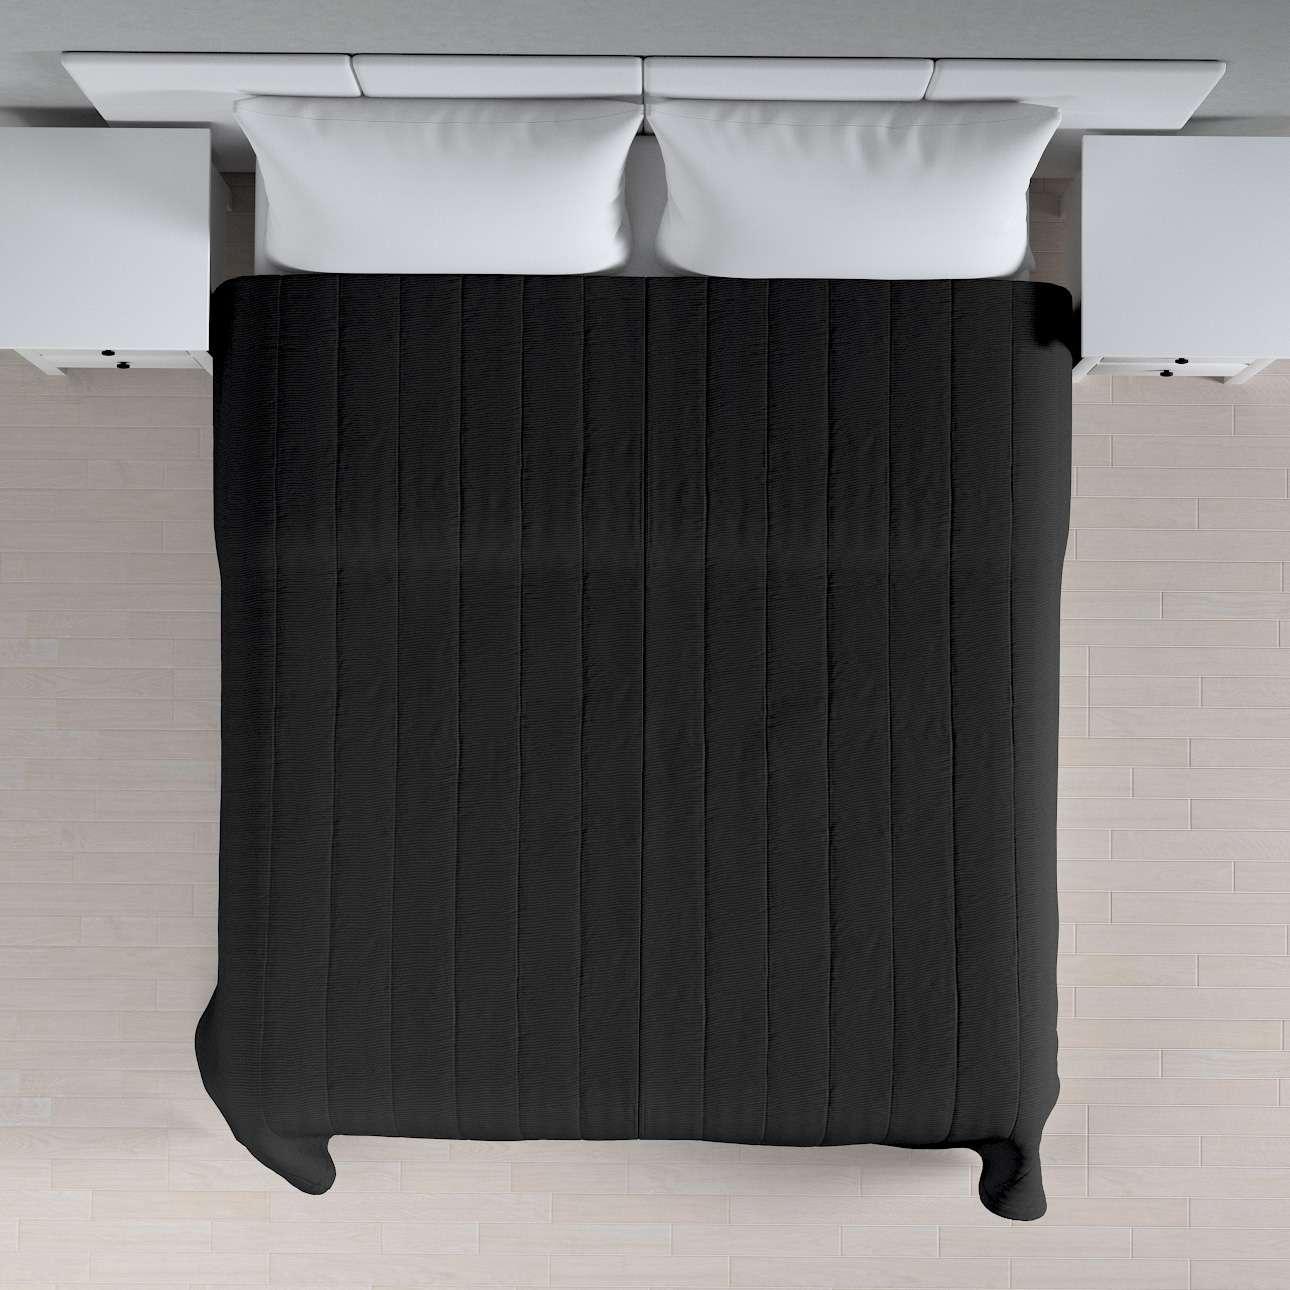 Einfacher Überwurf 260 x 210 cm von der Kollektion Etna, Stoff: 705-00